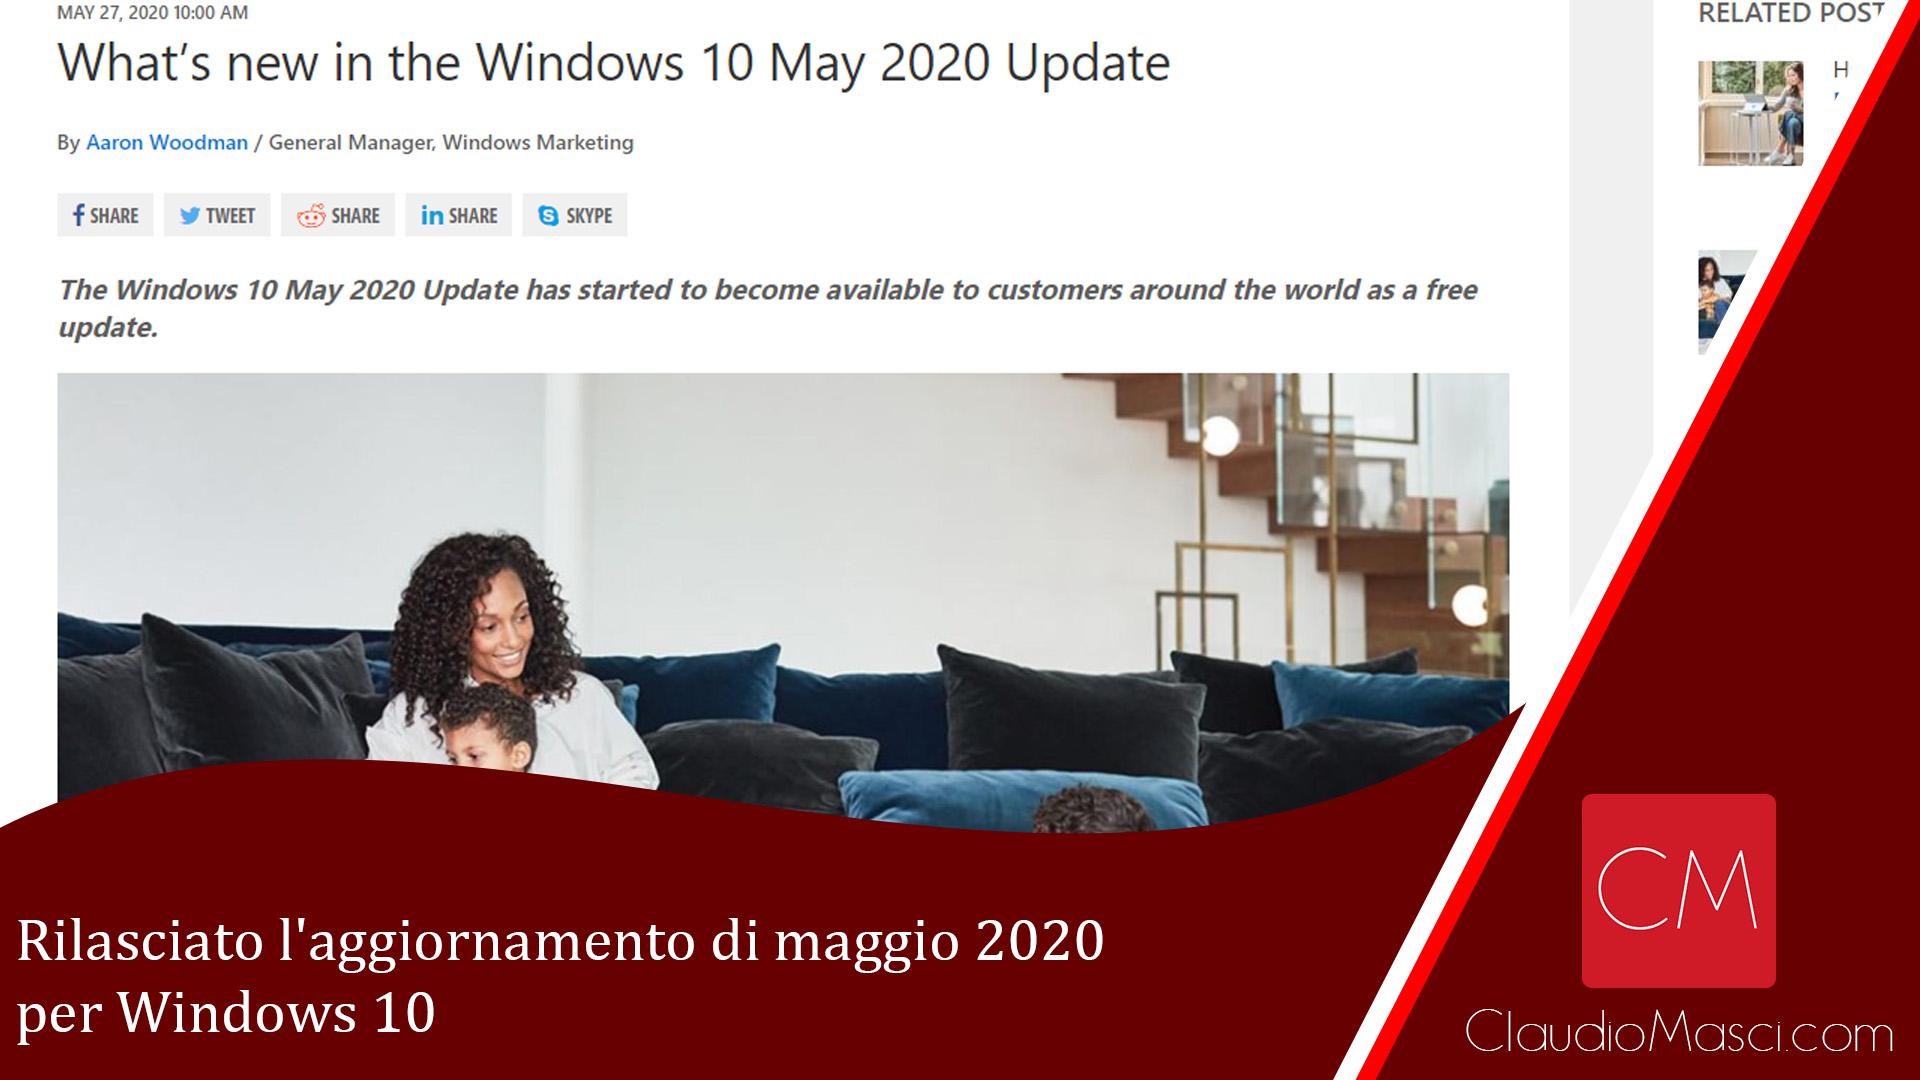 Rilasciato l'aggiornamento di maggio 2020 per Windows 10